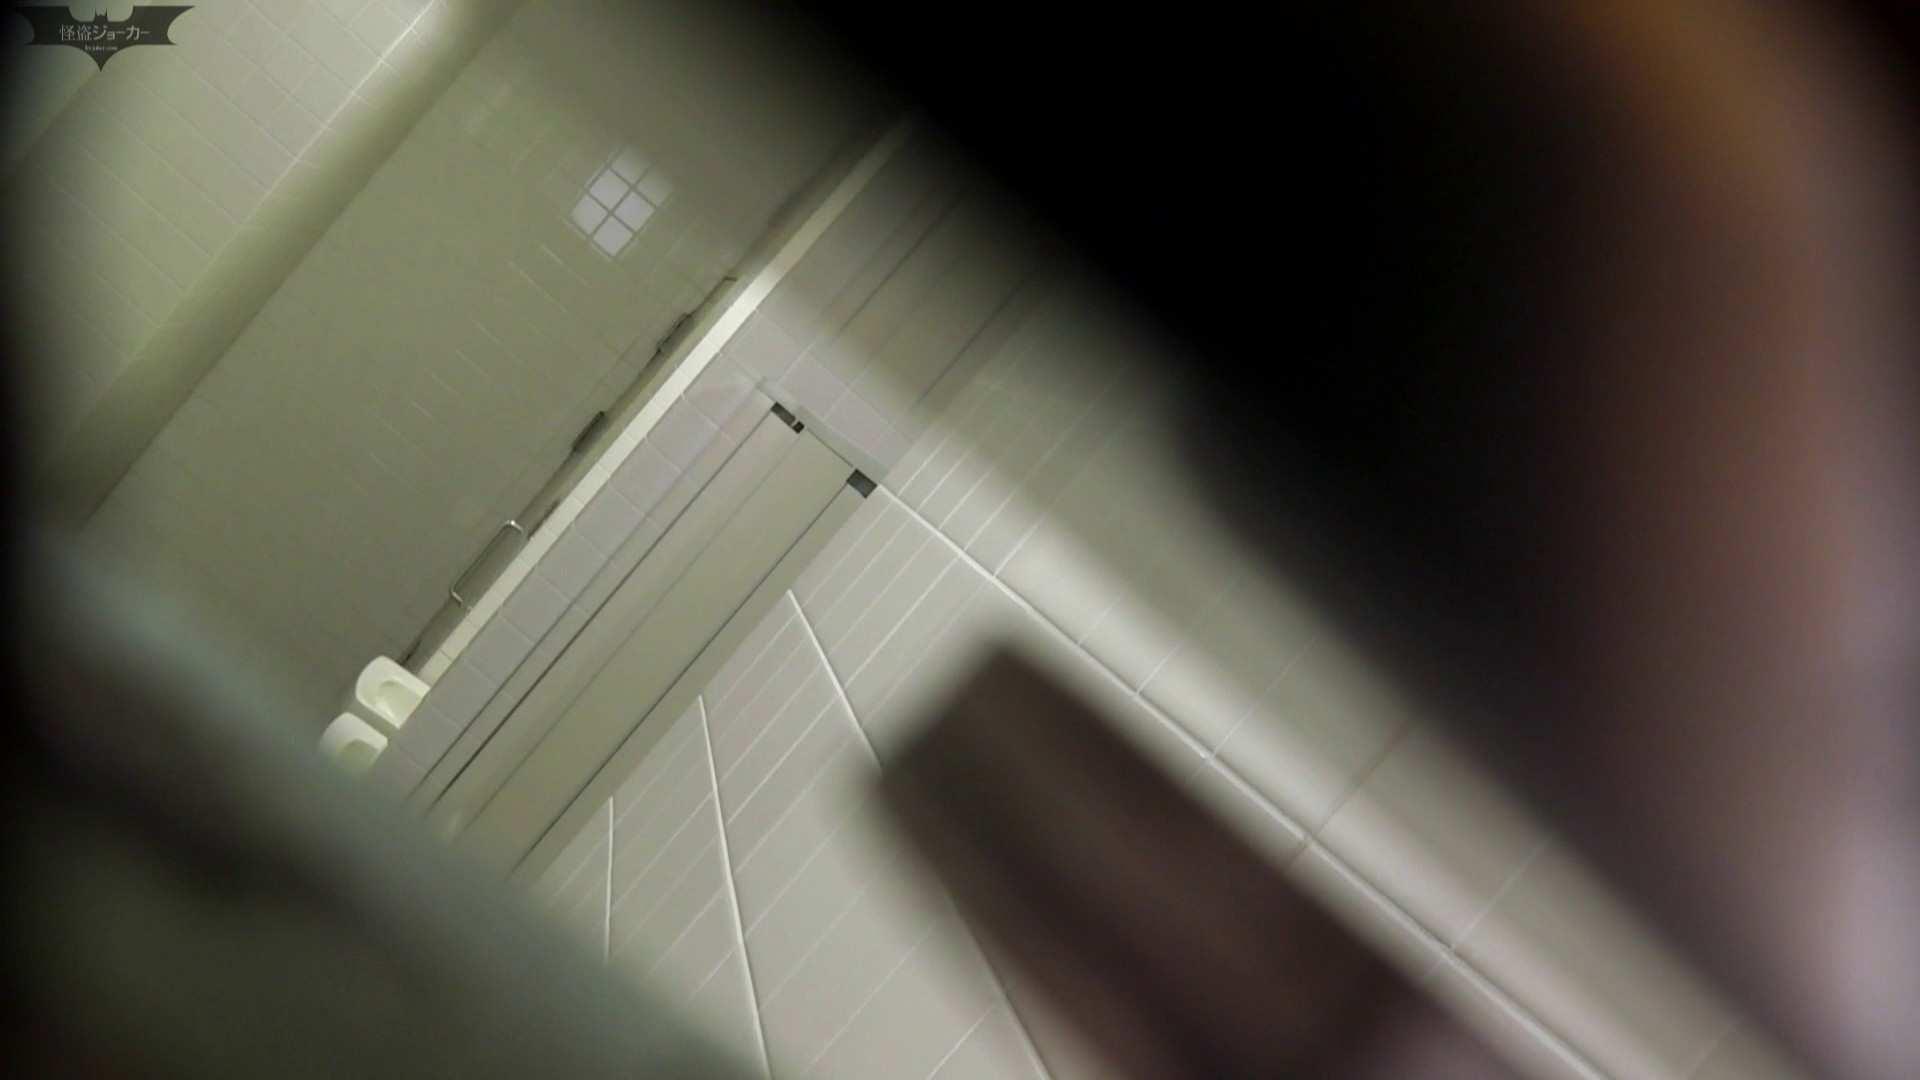 お銀 vol.68 無謀に通路に飛び出て一番明るいフロント撮り実現、見所満載 美人 ぱこり動画紹介 93連発 71